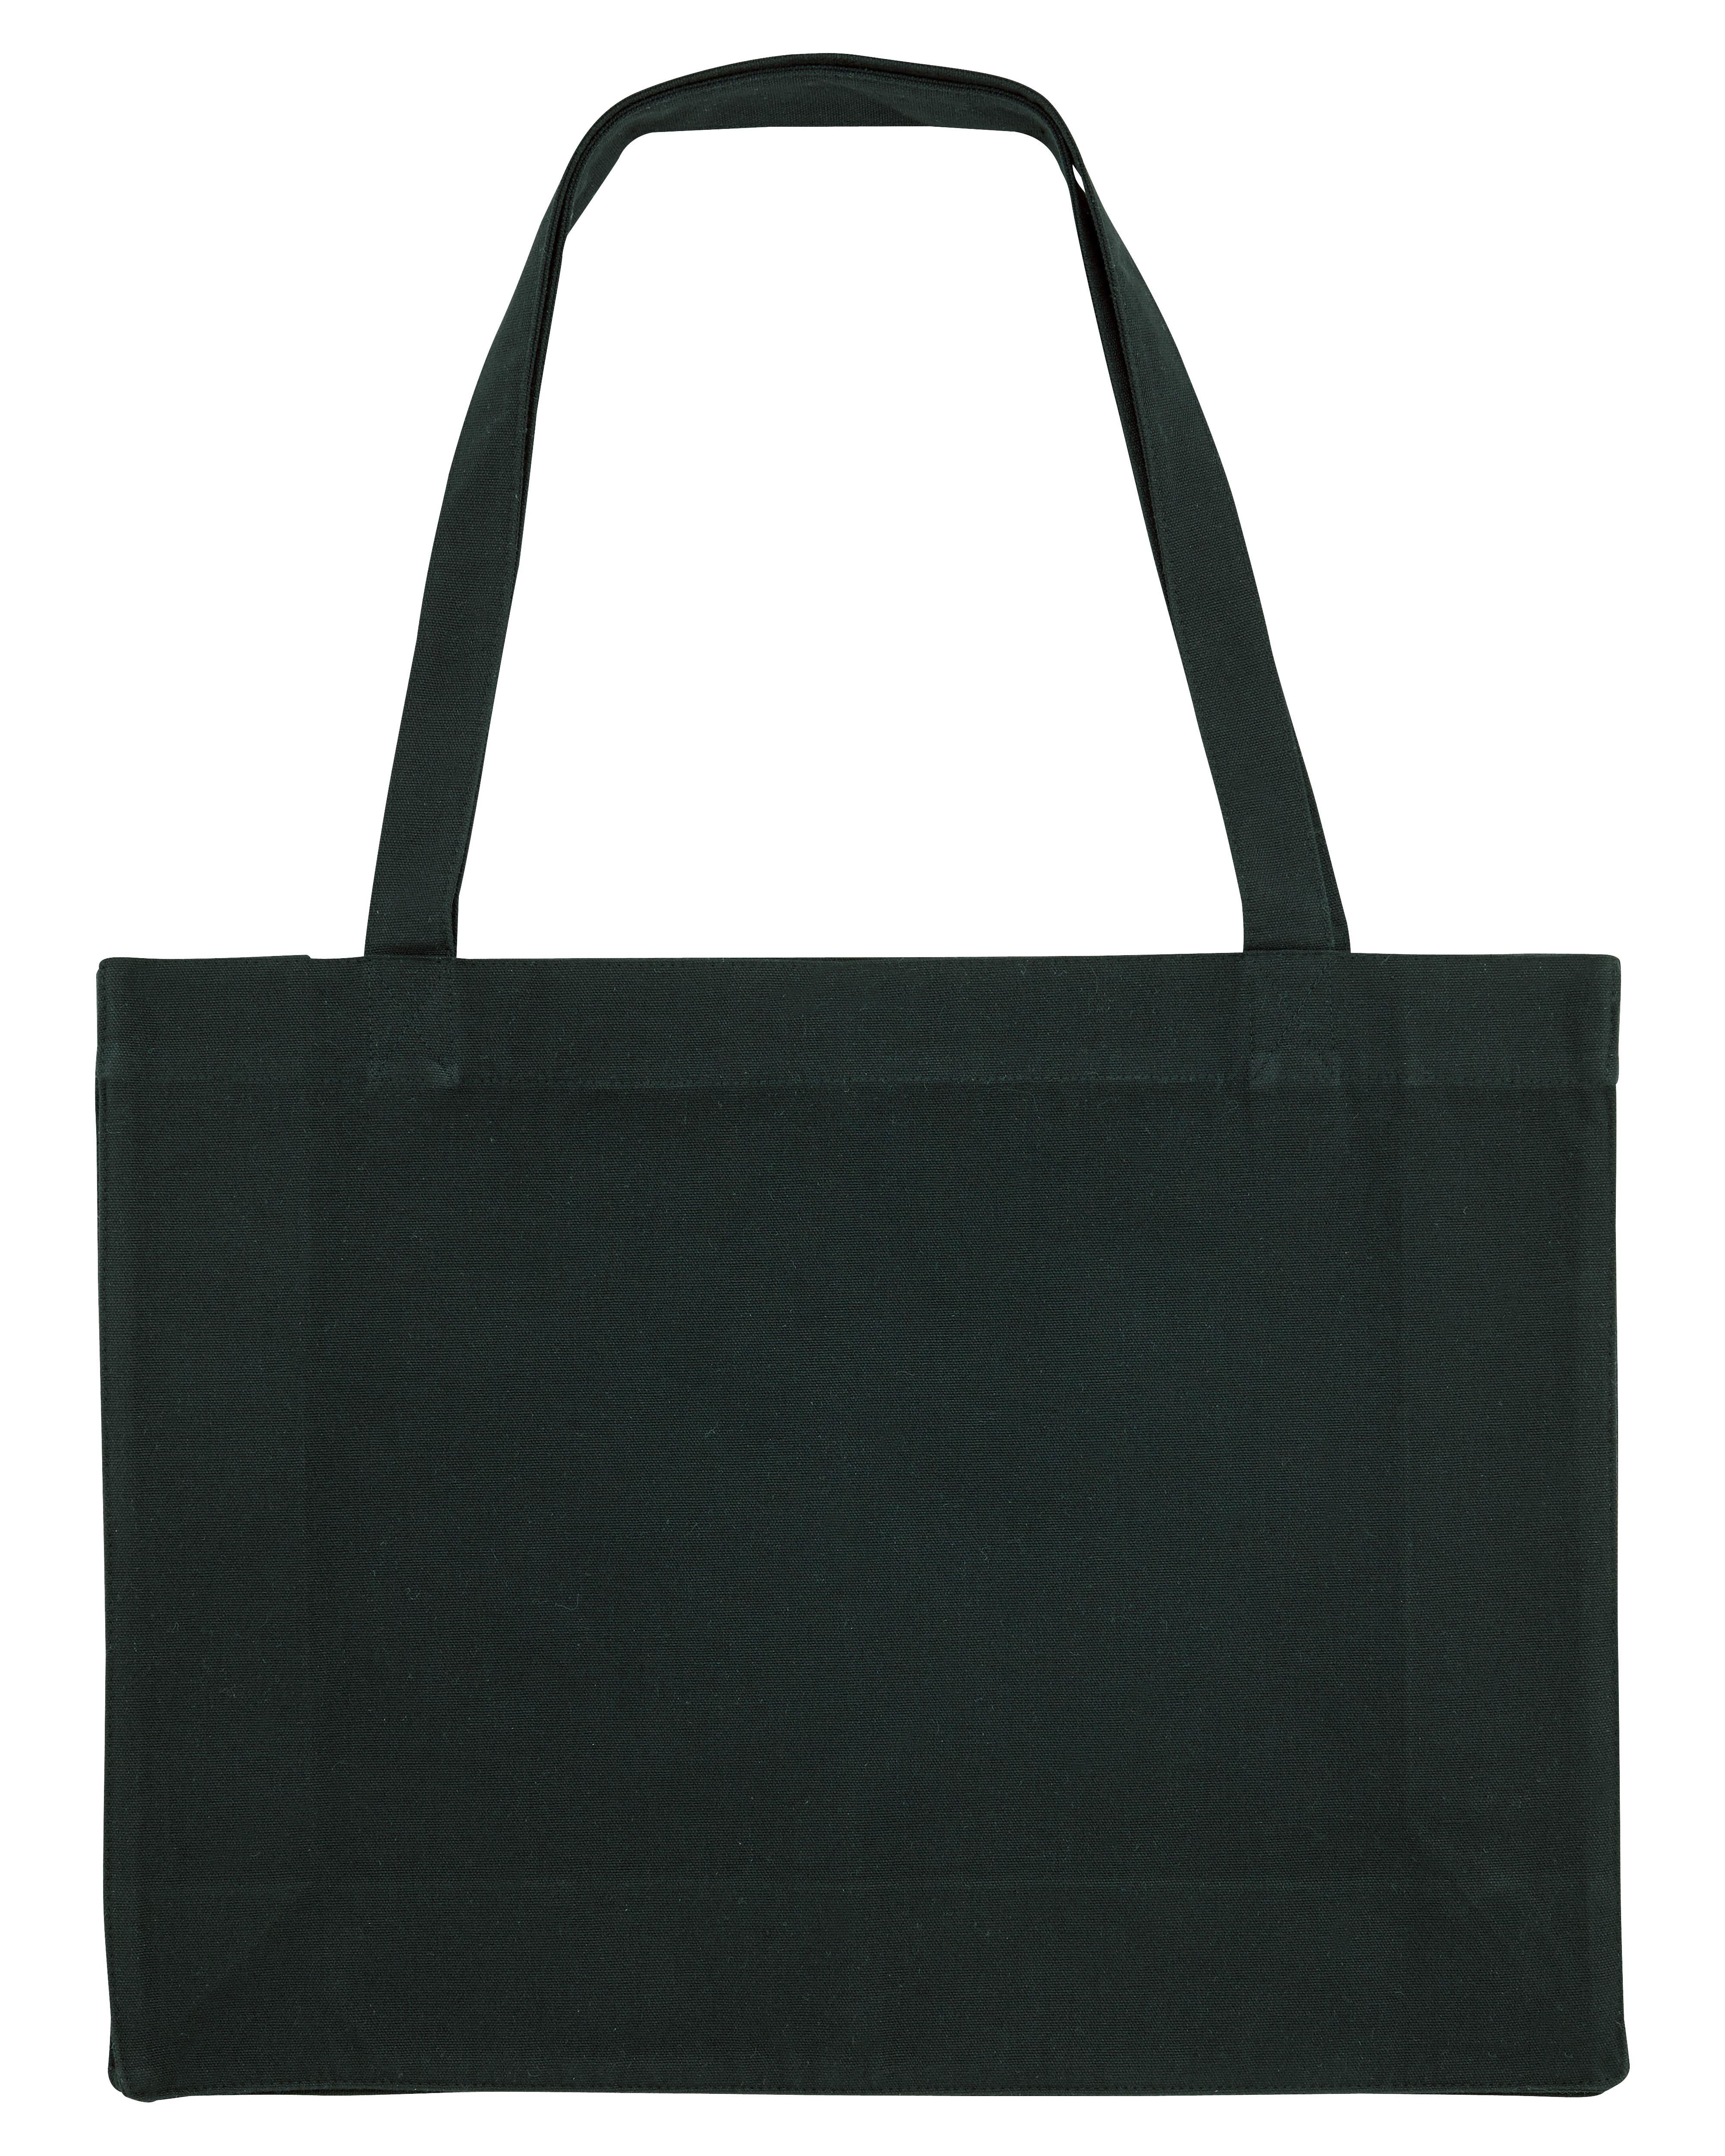 Shopping bag - 81-1048-4